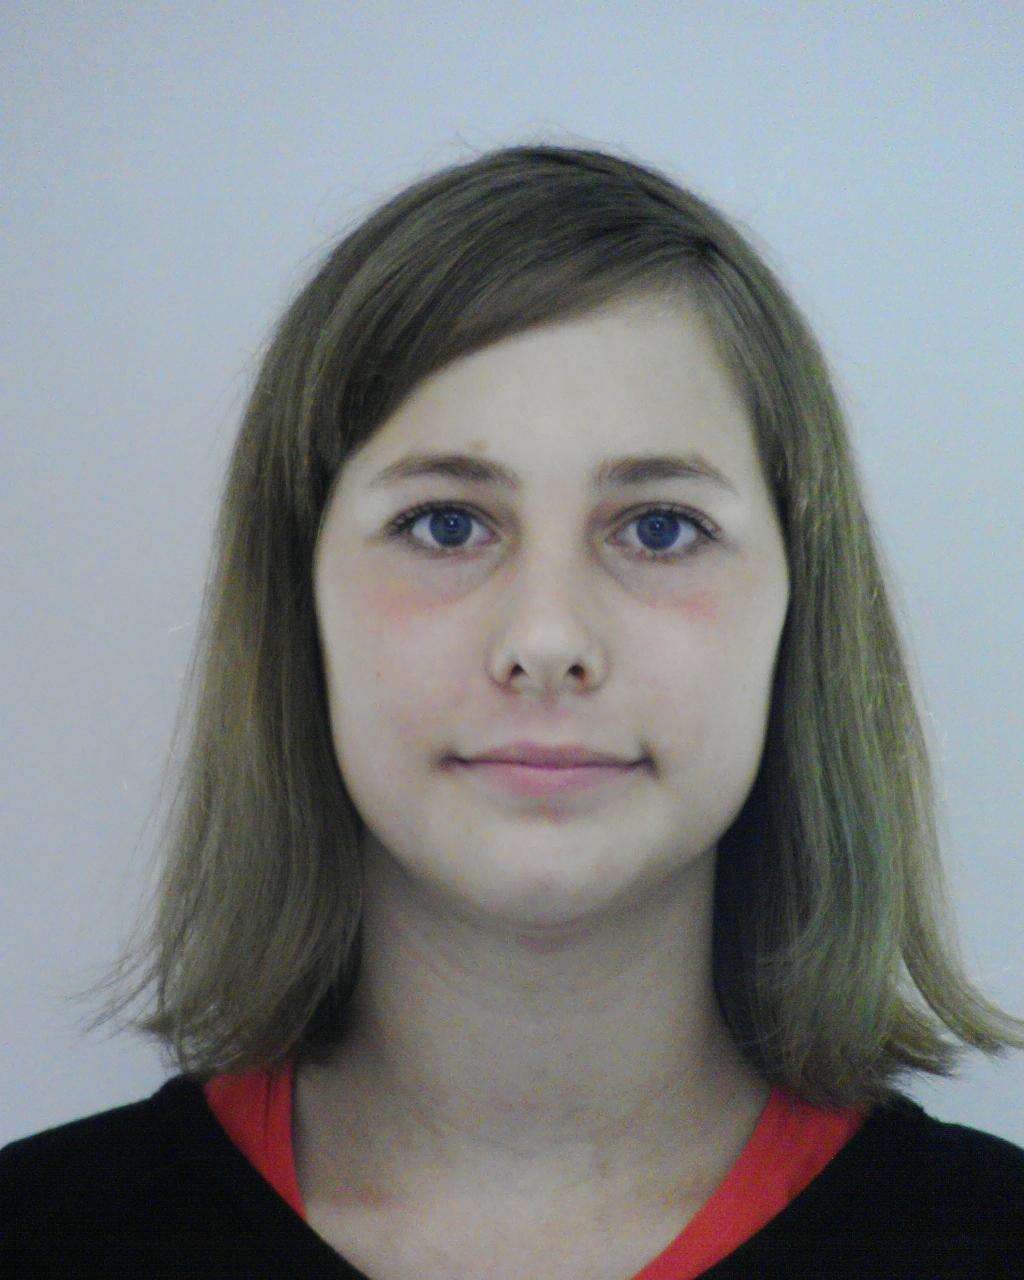 15 éves kaposvári tini